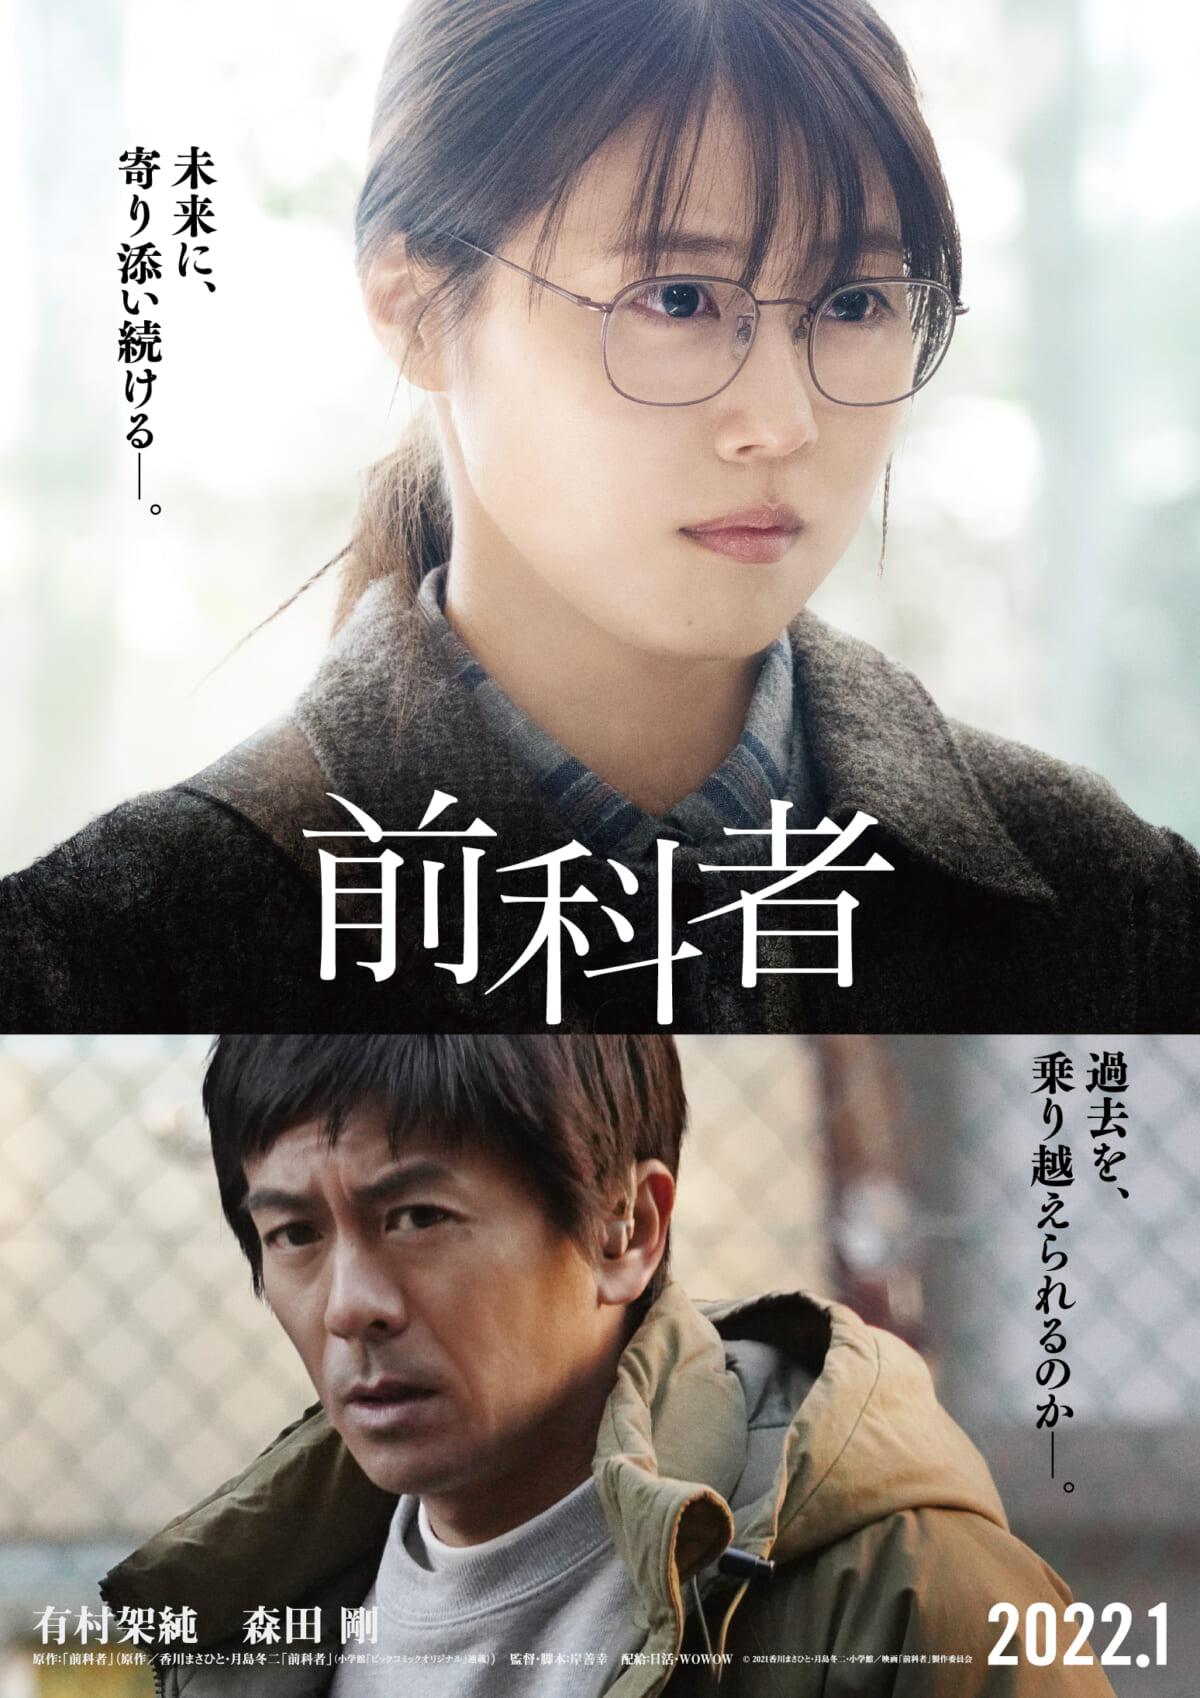 © 2021 香川まさひと・月島冬二・小学館/映画「前科者」製作委員会